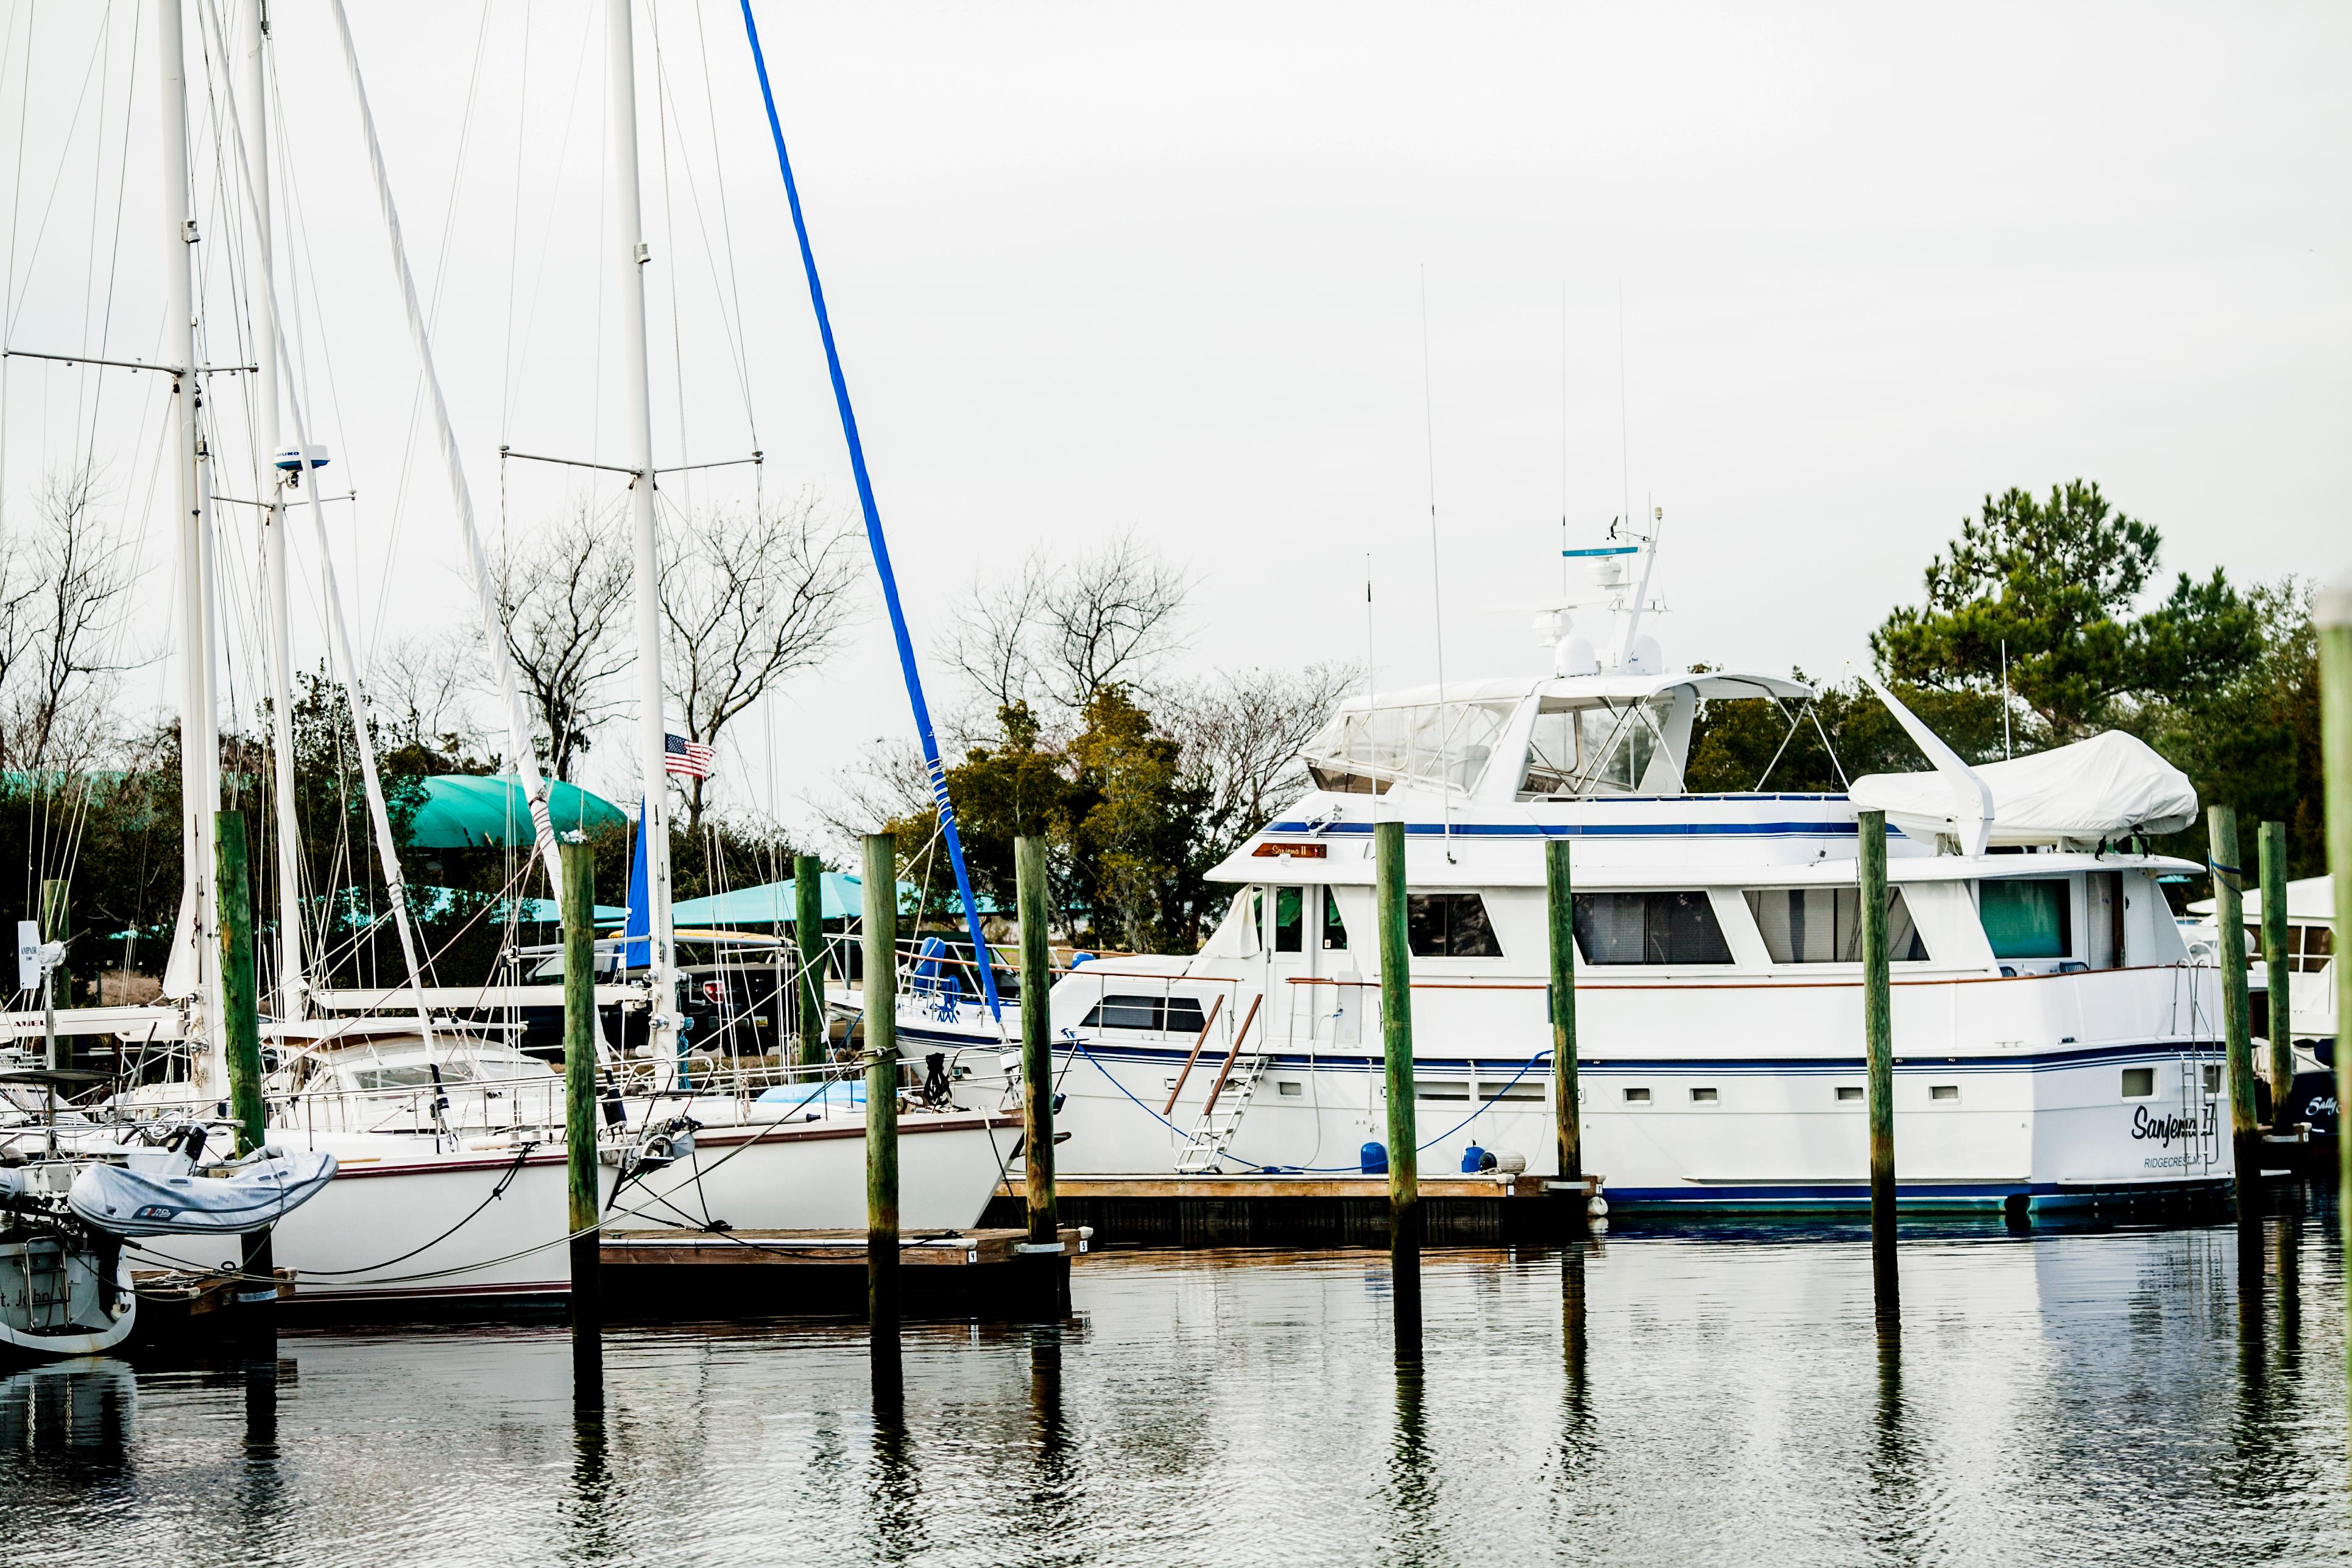 boats docked at wilmington marine center